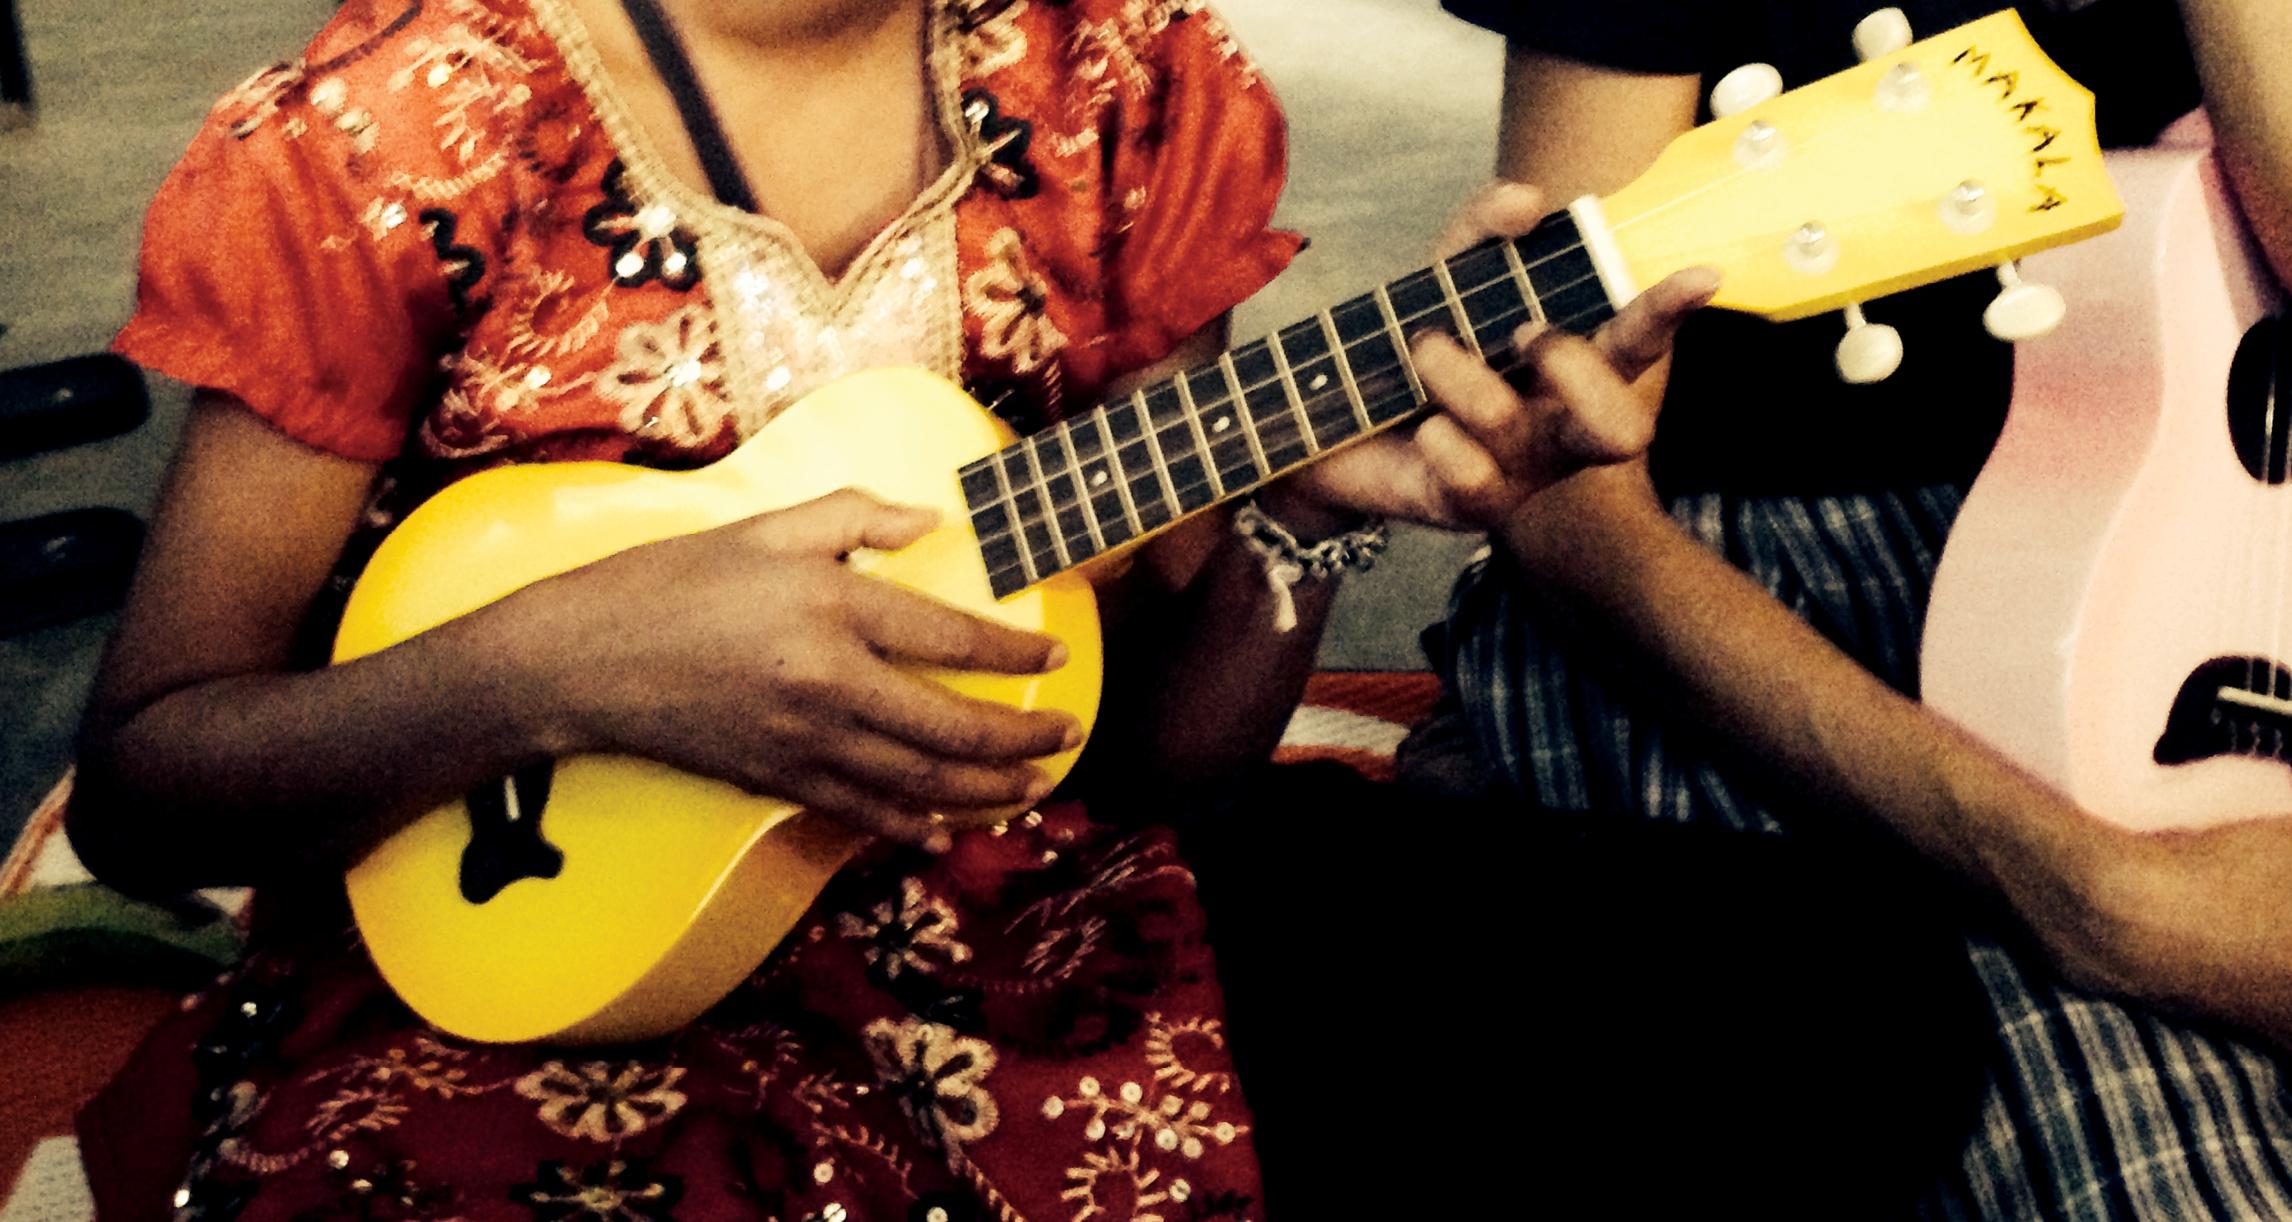 makala-survivor-girl-ukulele-band-india-uke-heartwarming-ukulele-magazine